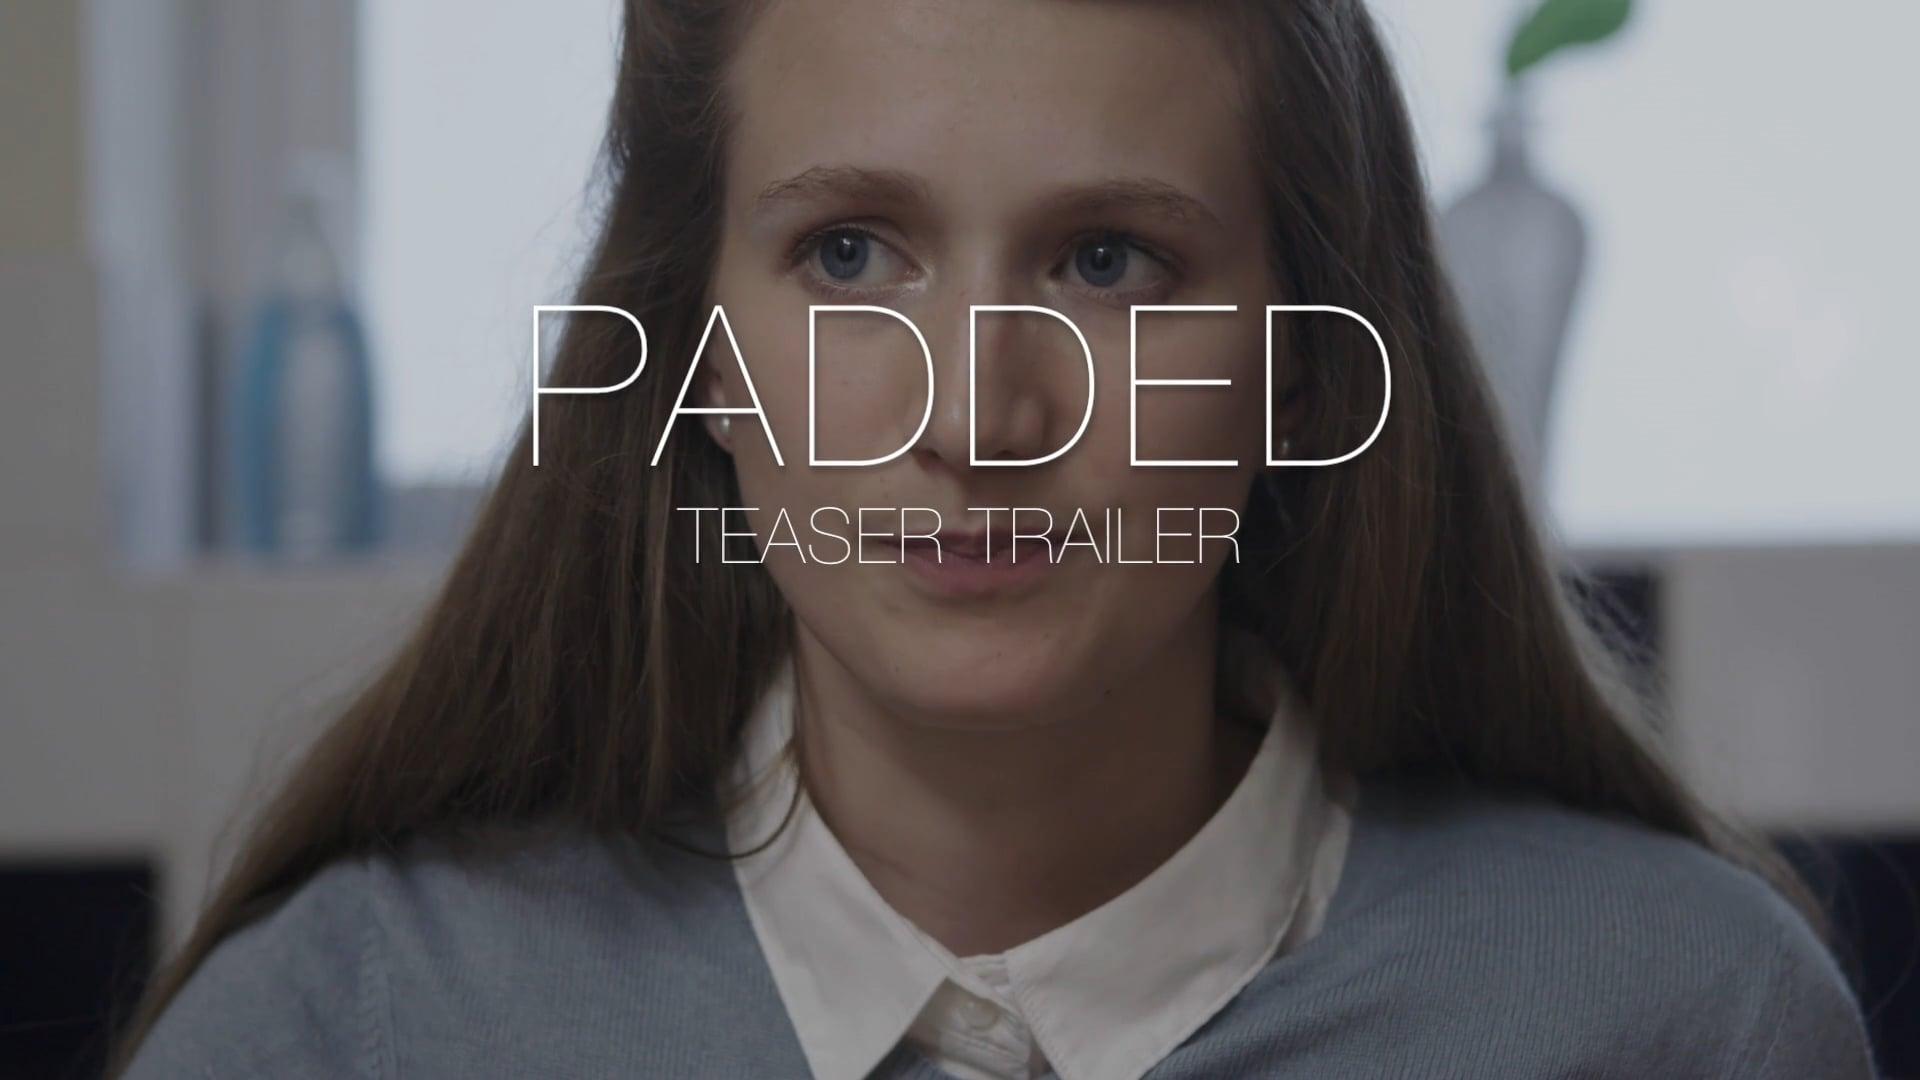 PADDED TEASER TRAILER